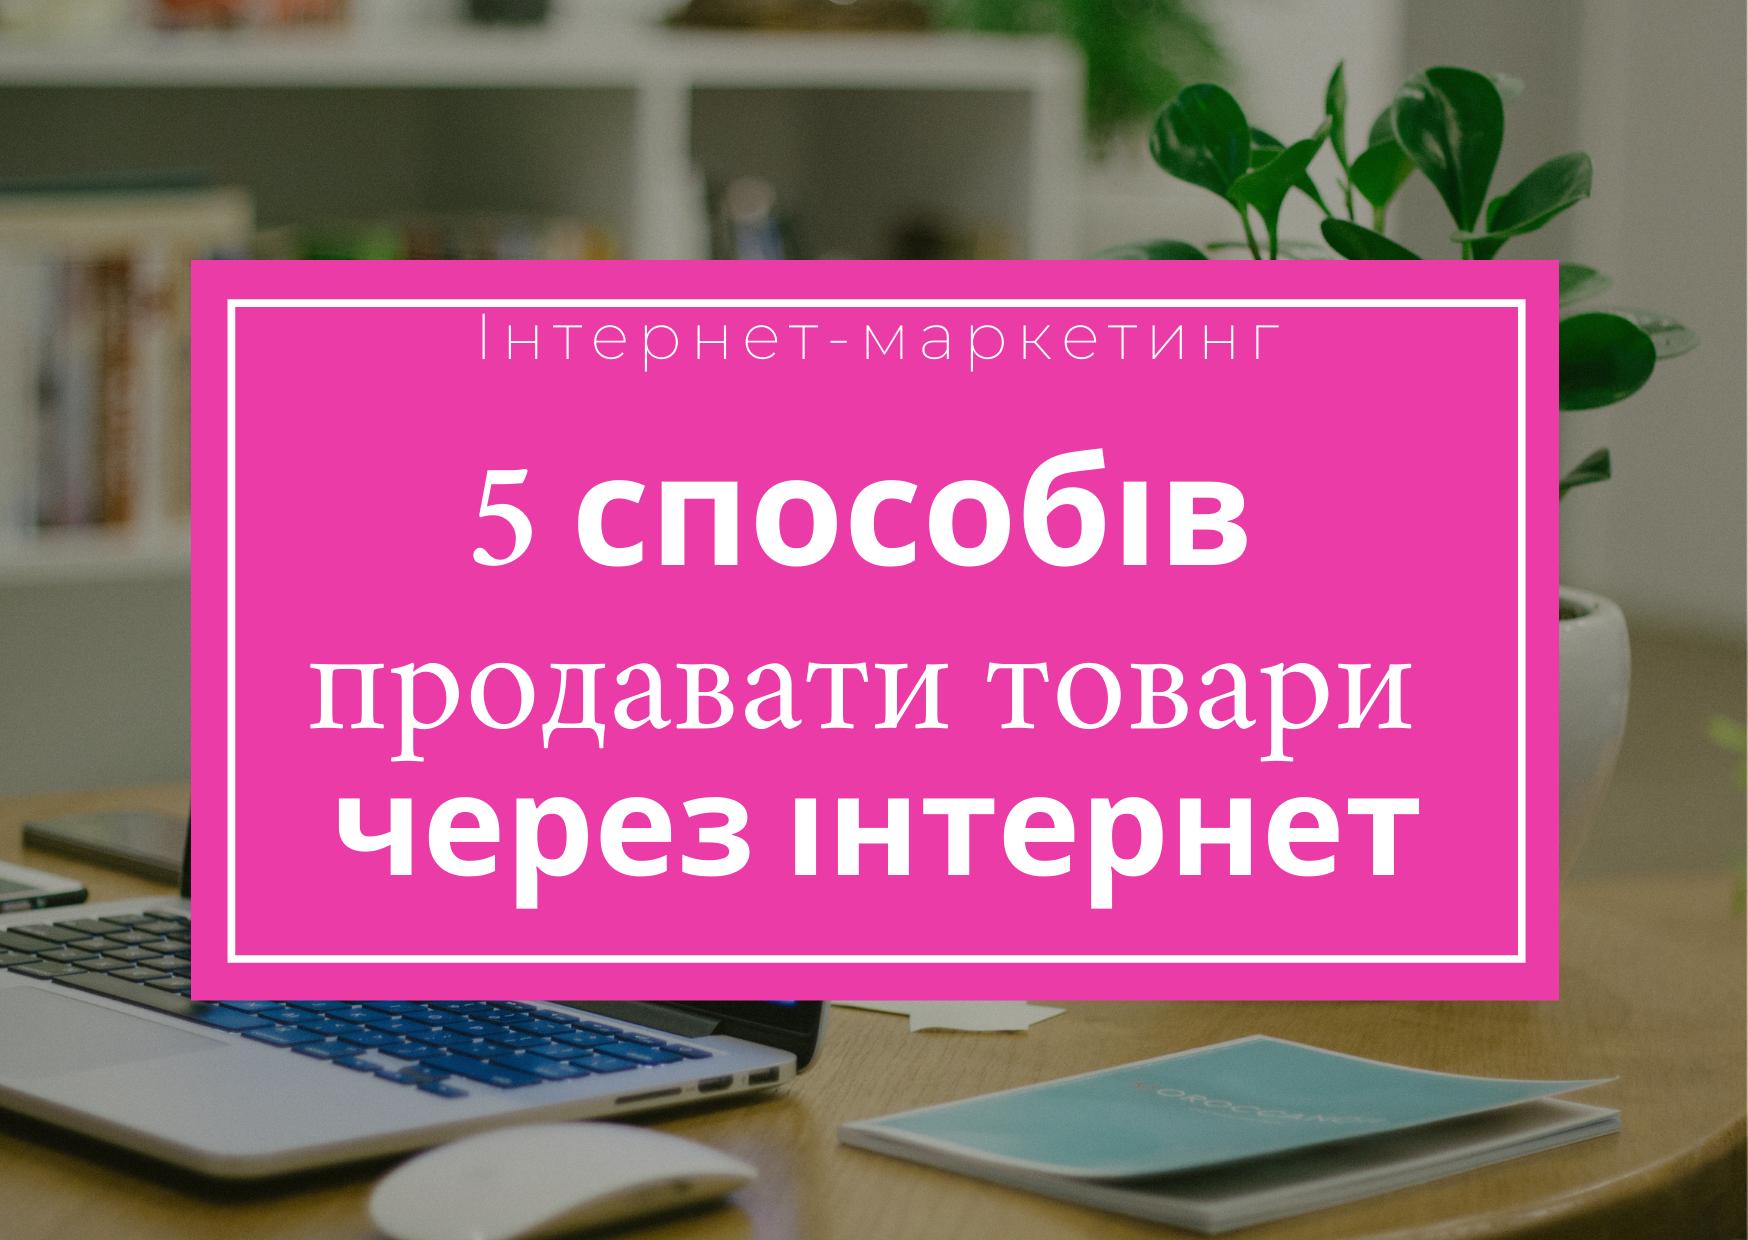 5 способів продавати через інтернет